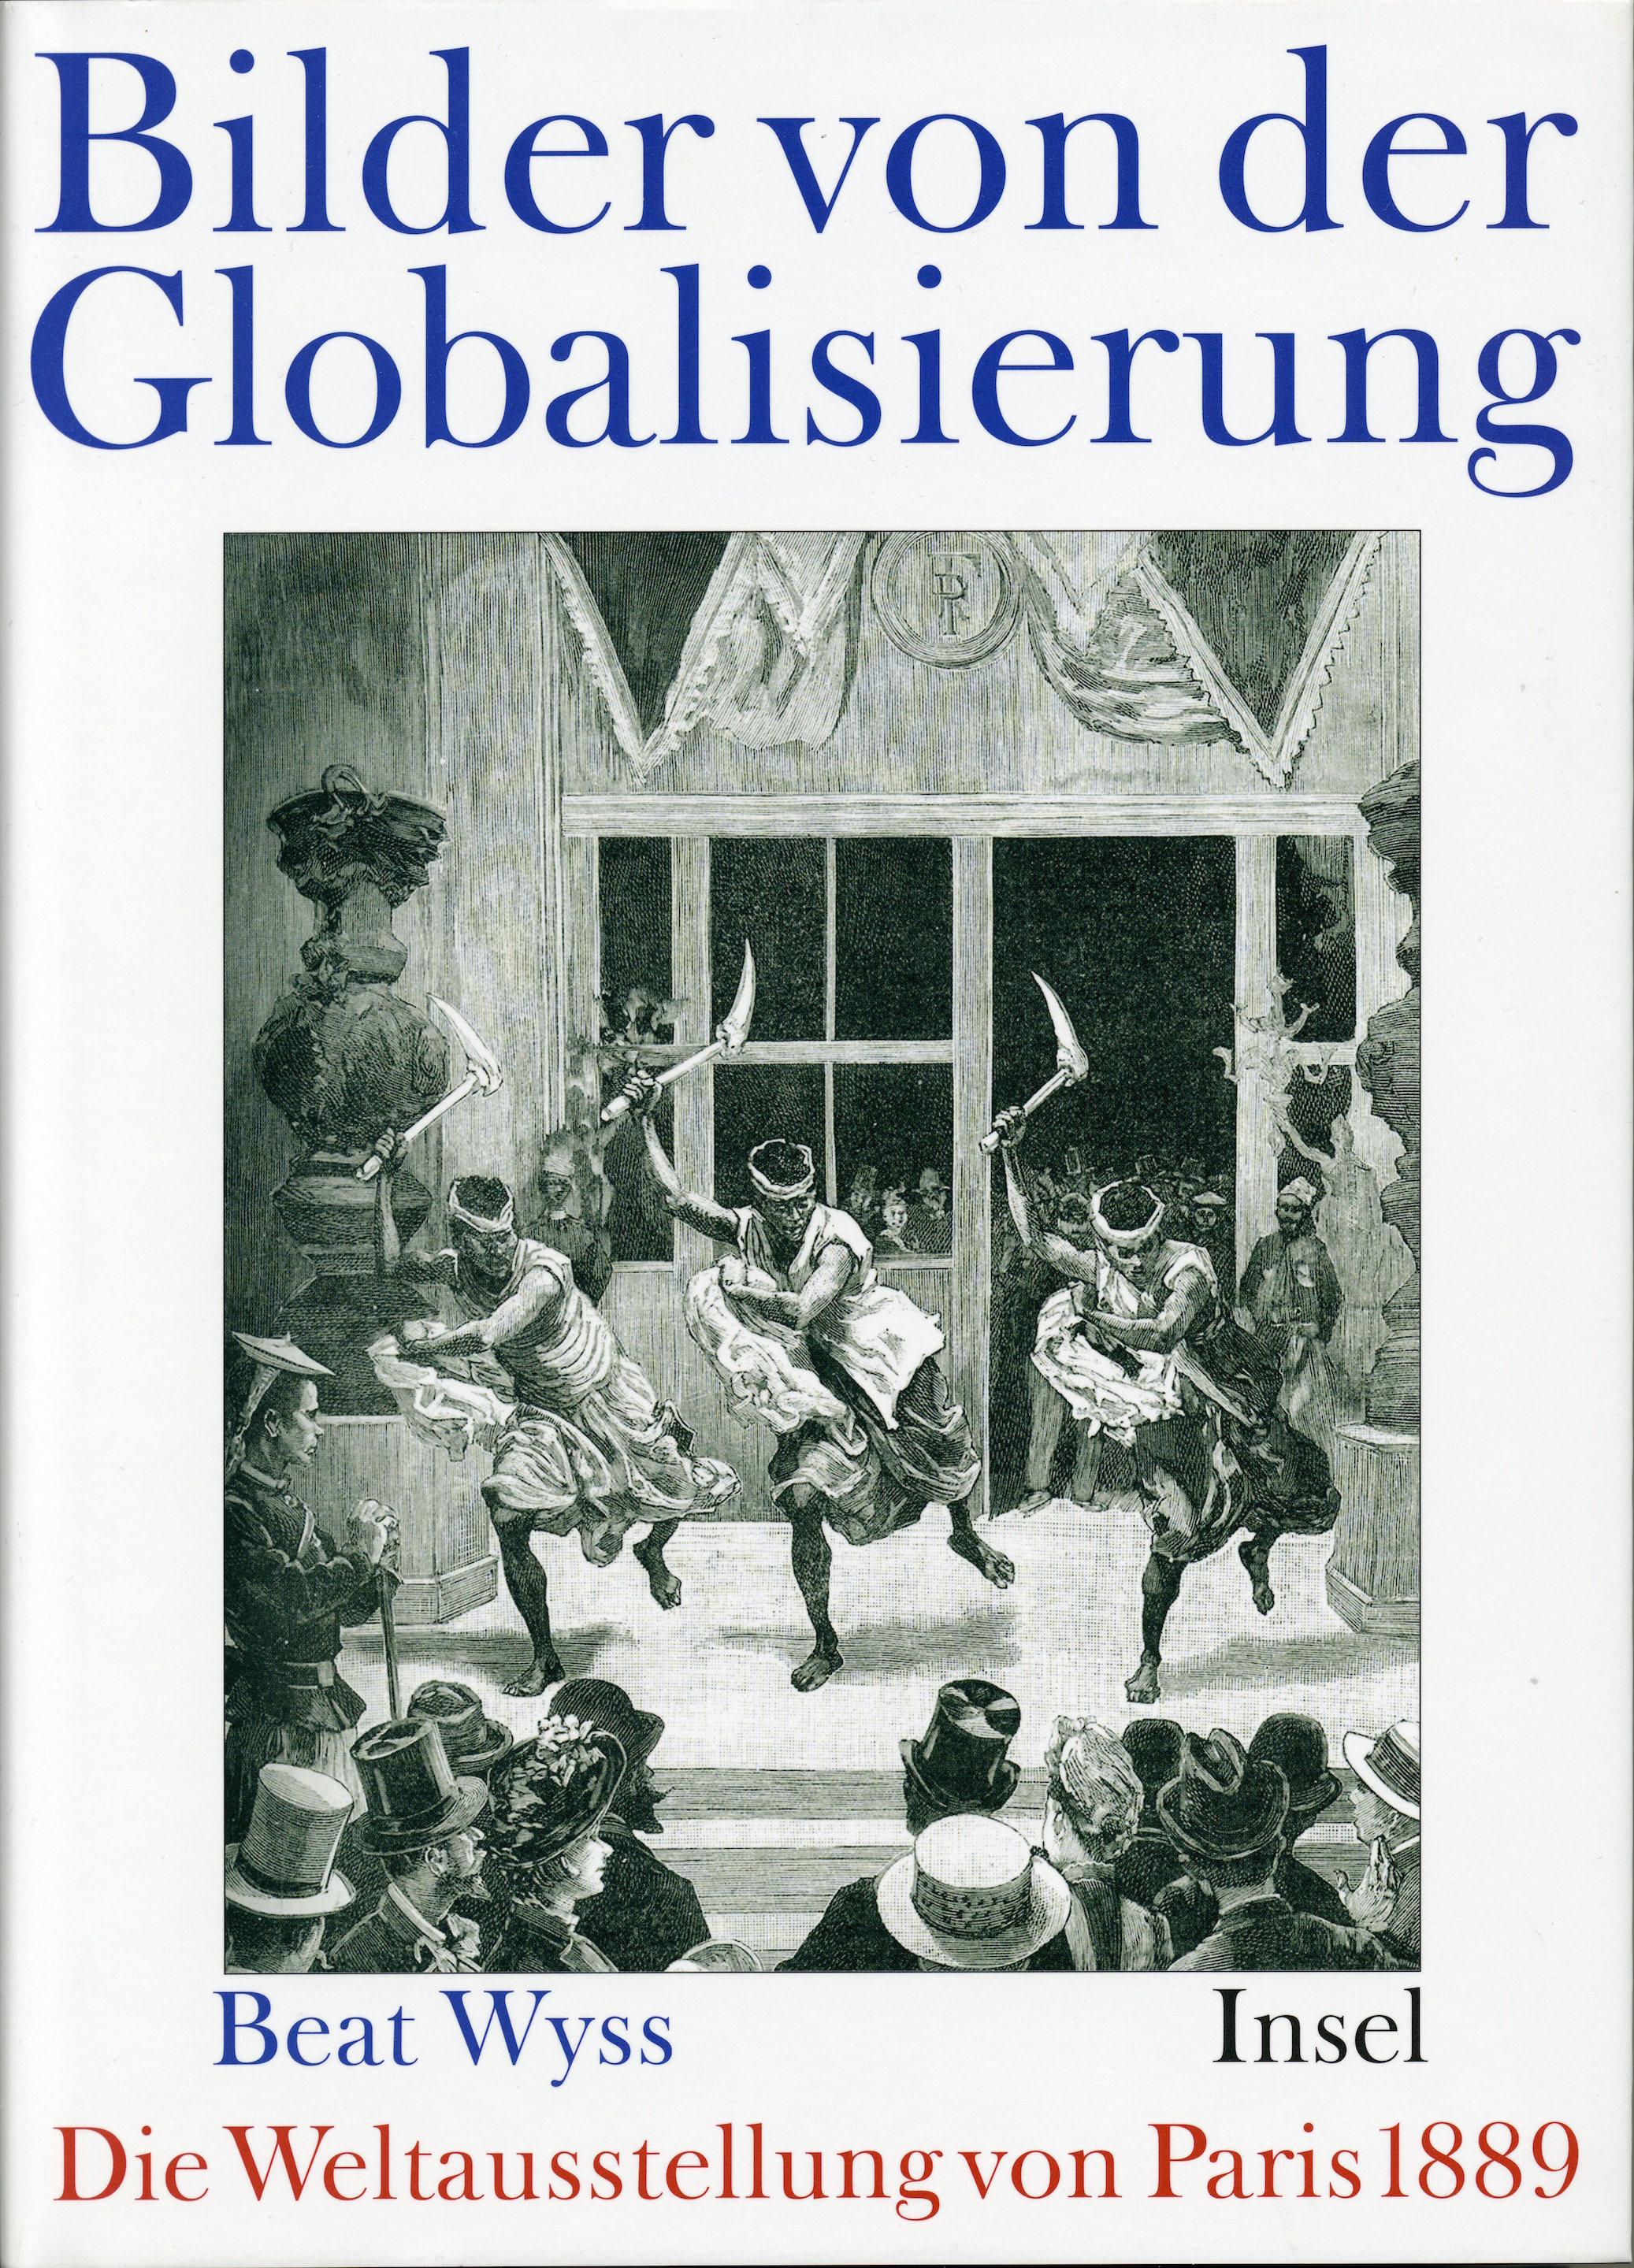 Bilder von der Globalisierung